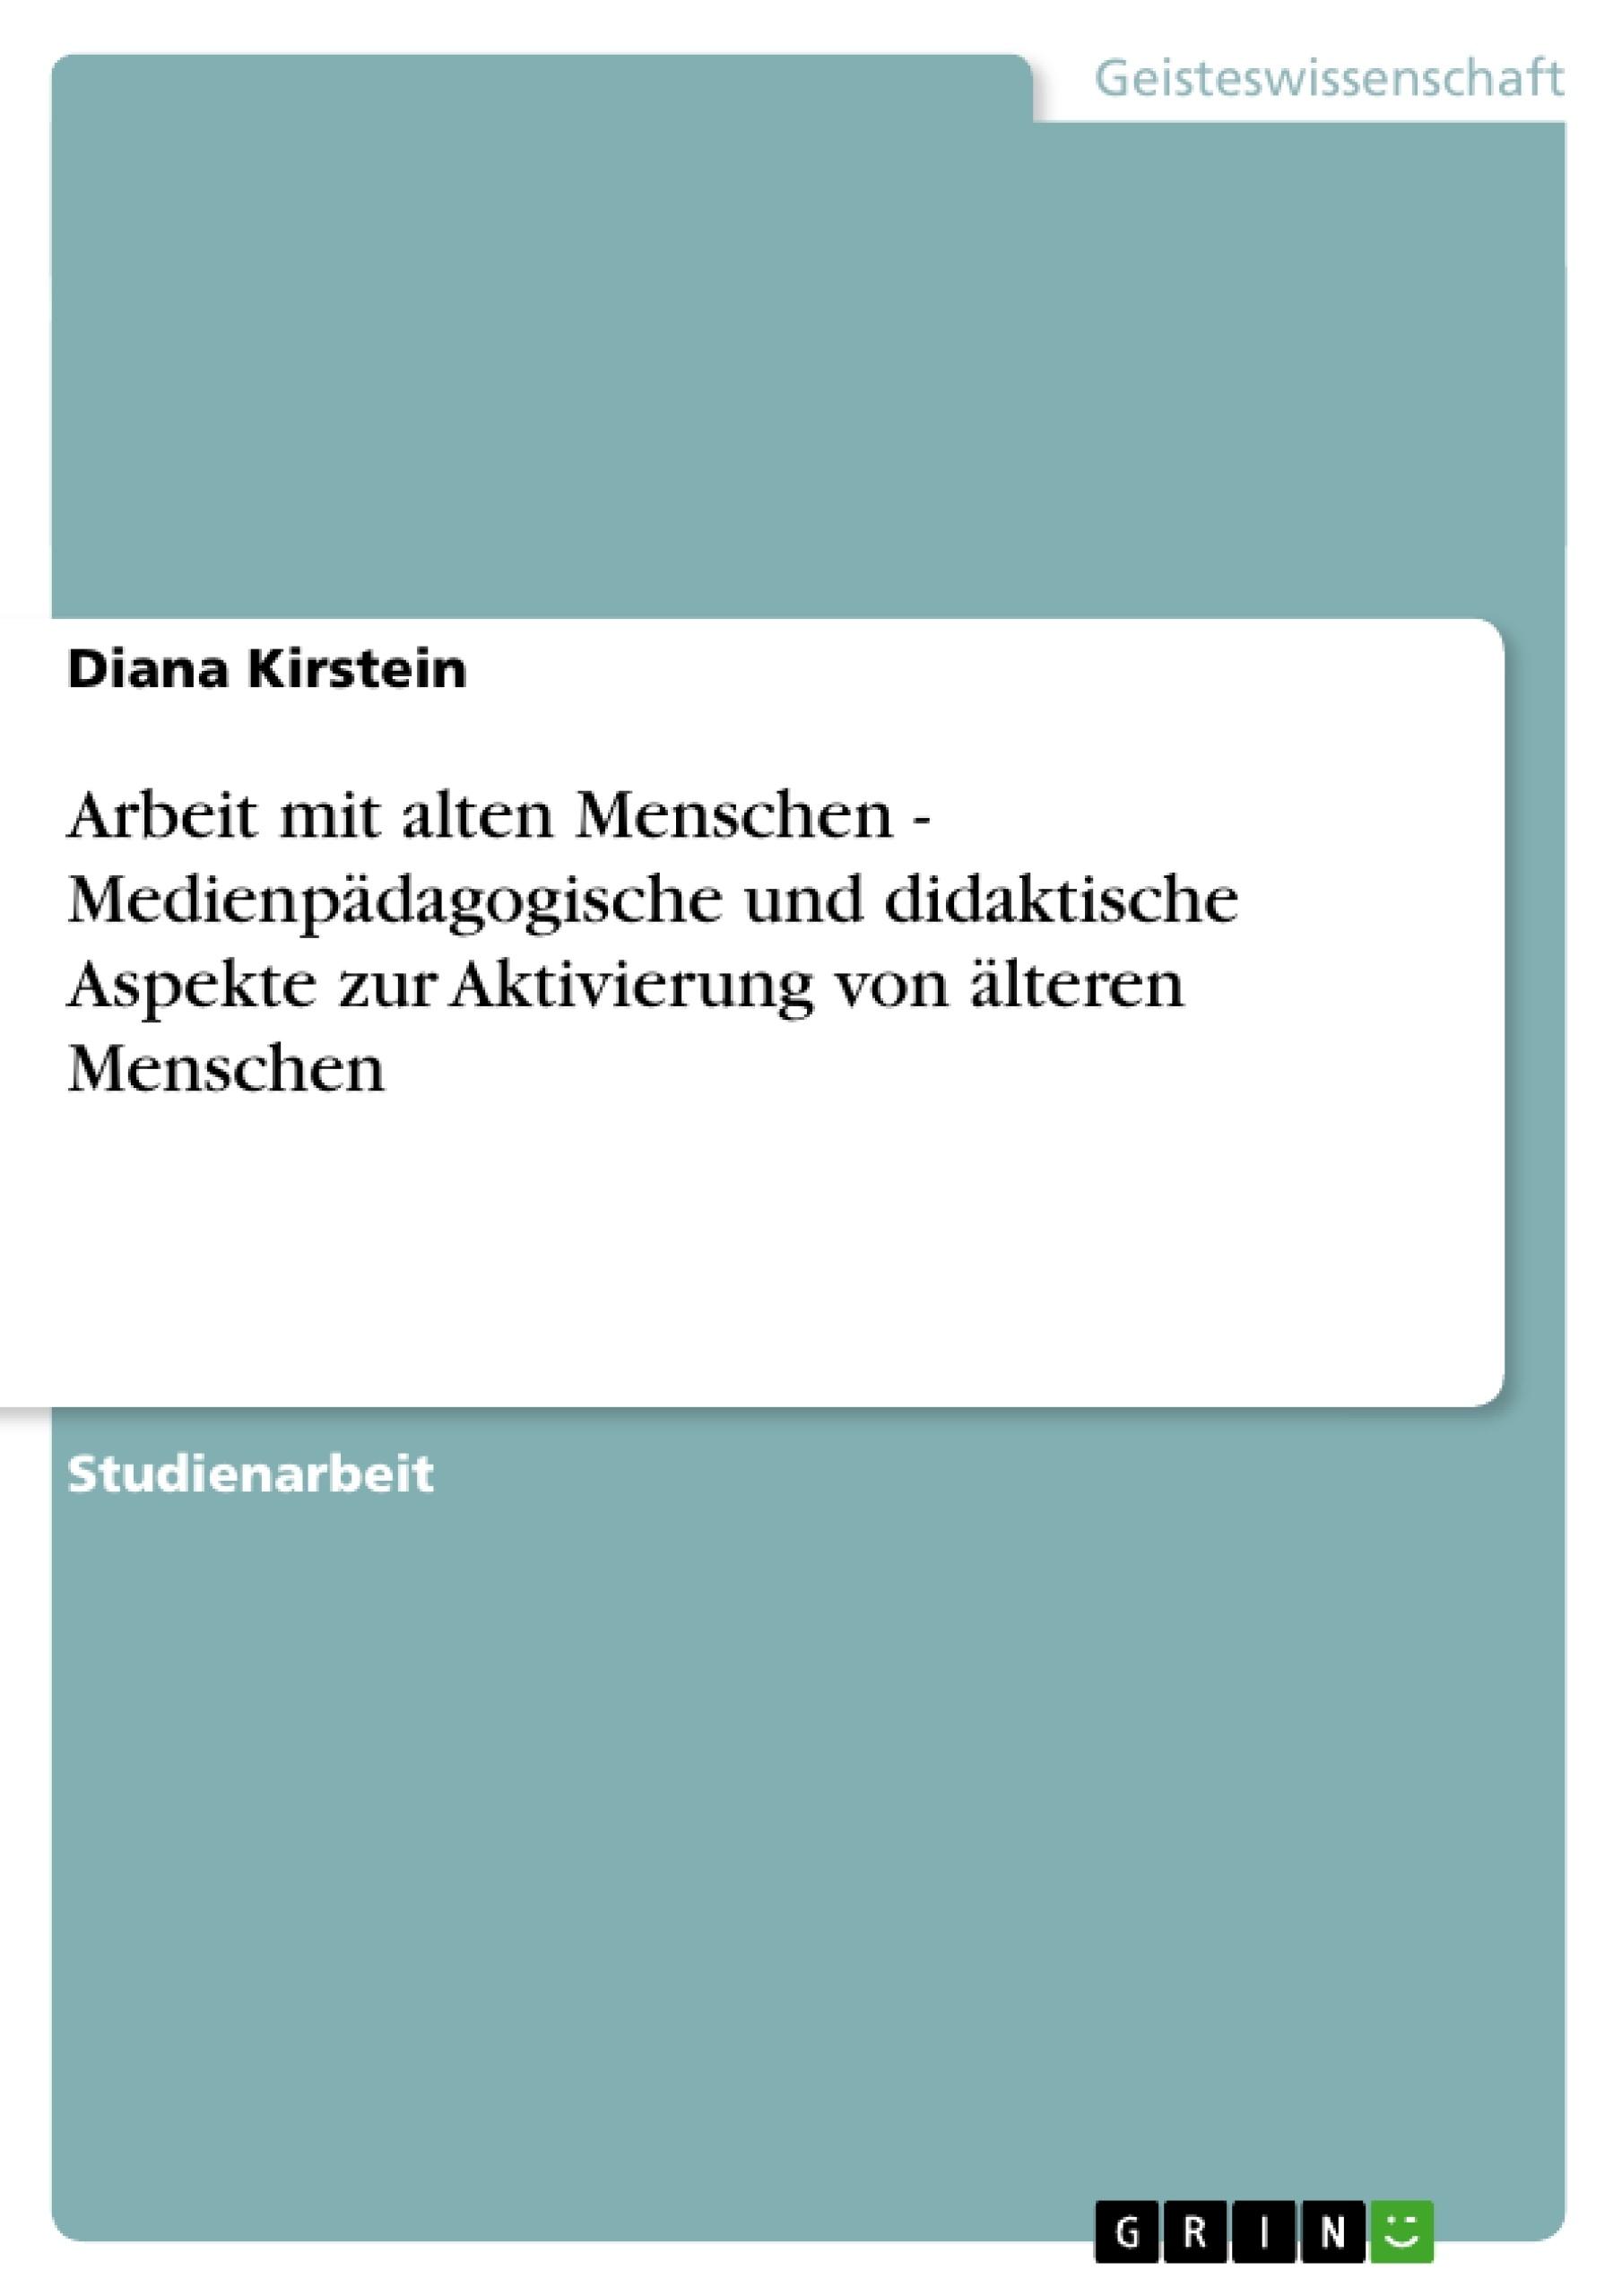 Titel: Arbeit mit alten Menschen - Medienpädagogische und didaktische Aspekte zur Aktivierung von älteren Menschen